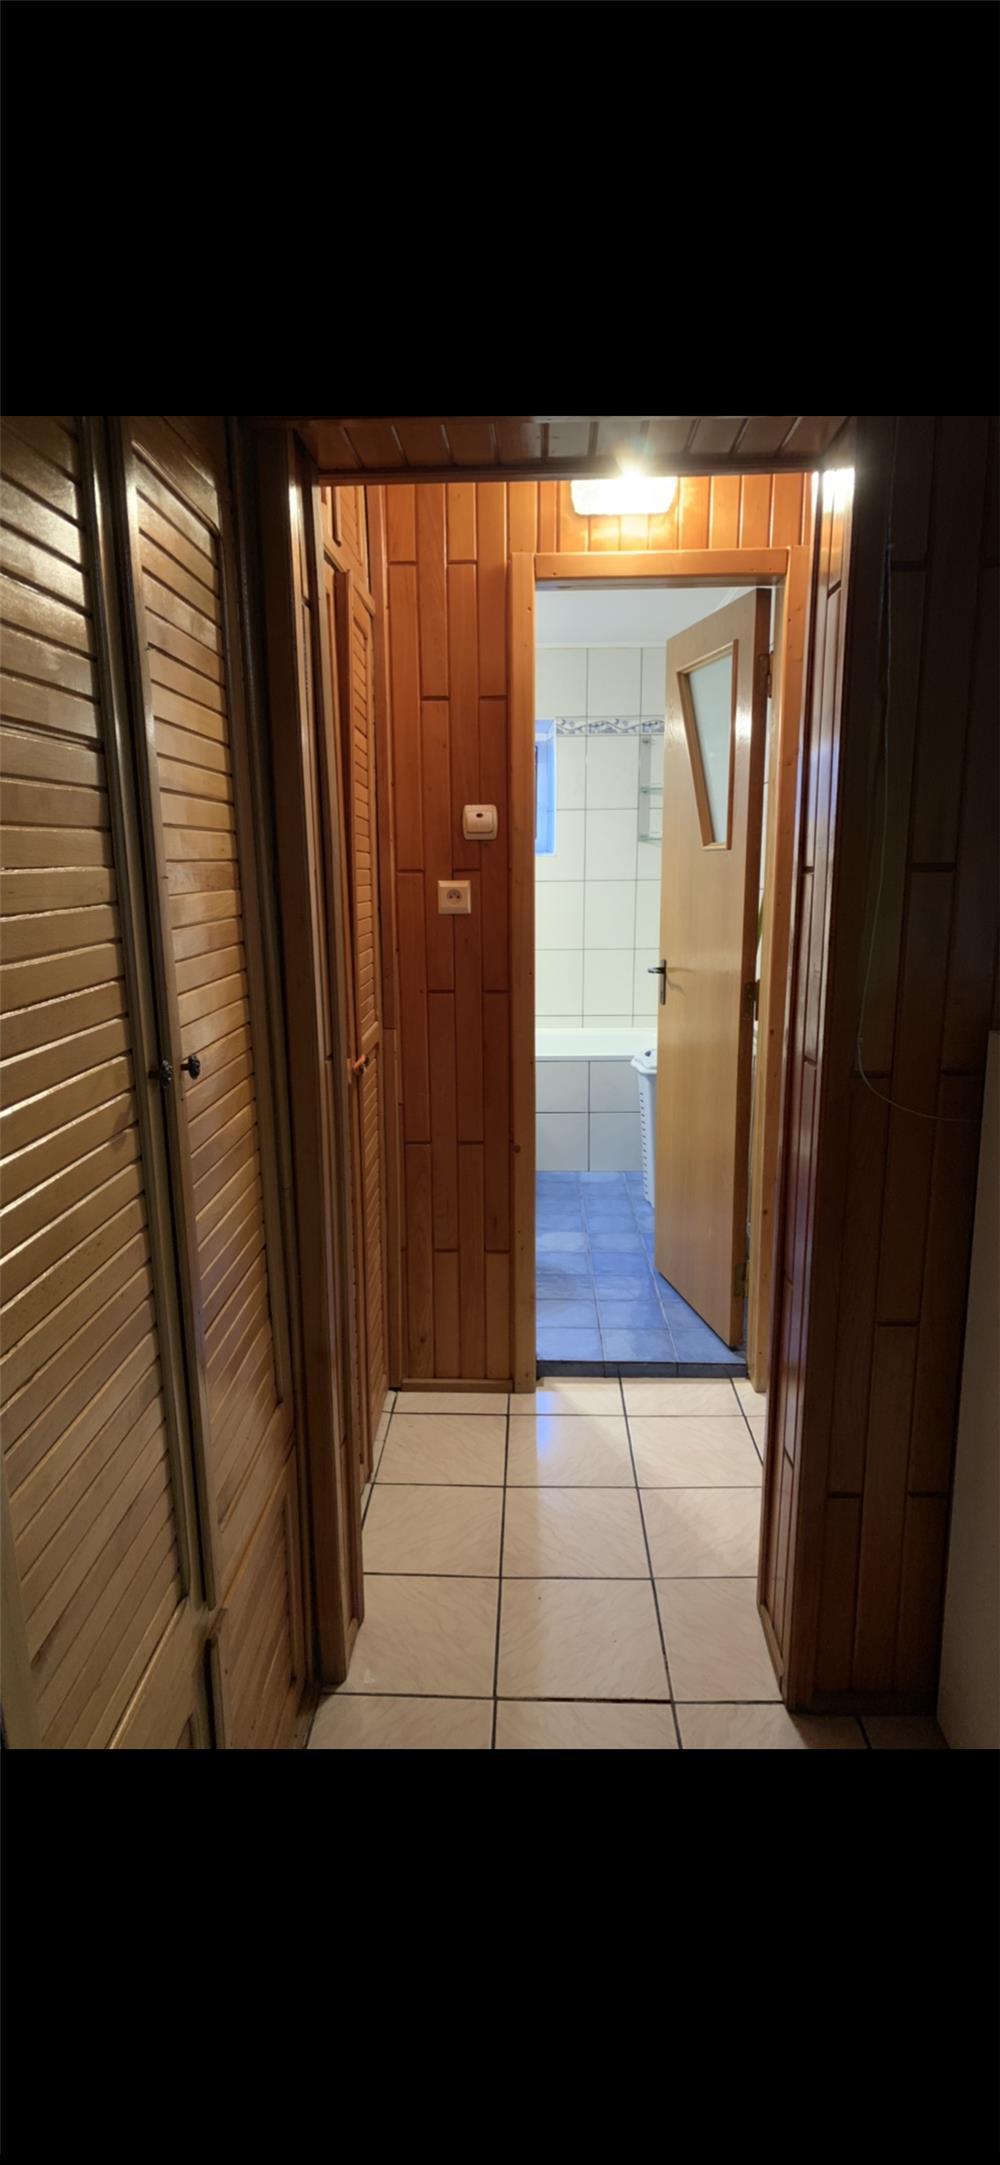 Inchiriez apartament - imagine 8